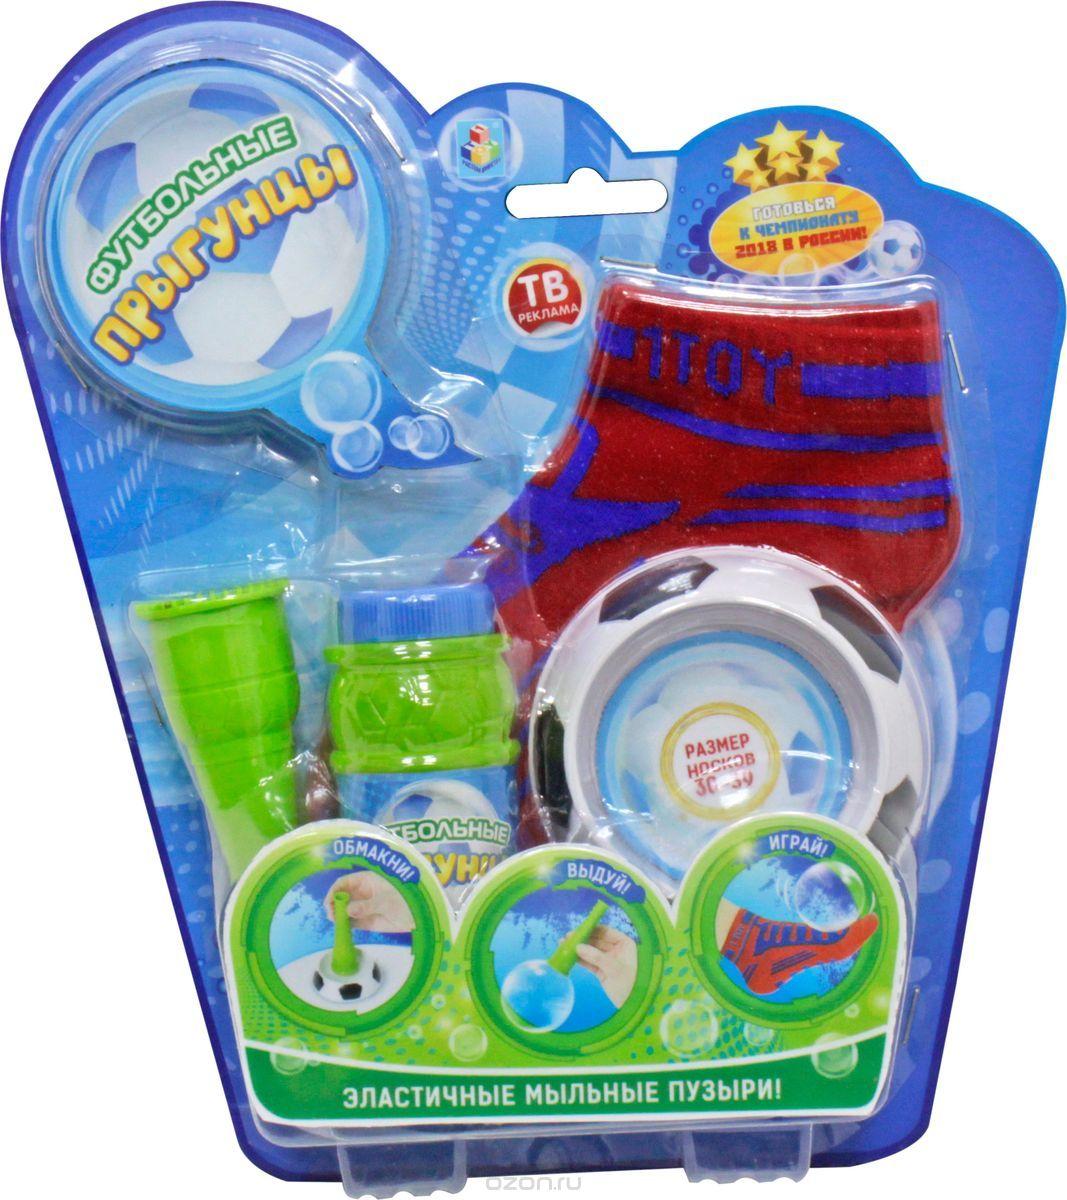 Мыльные пузыри 80мл Футбольные прыгунцы 2 носка, рожок, лоток